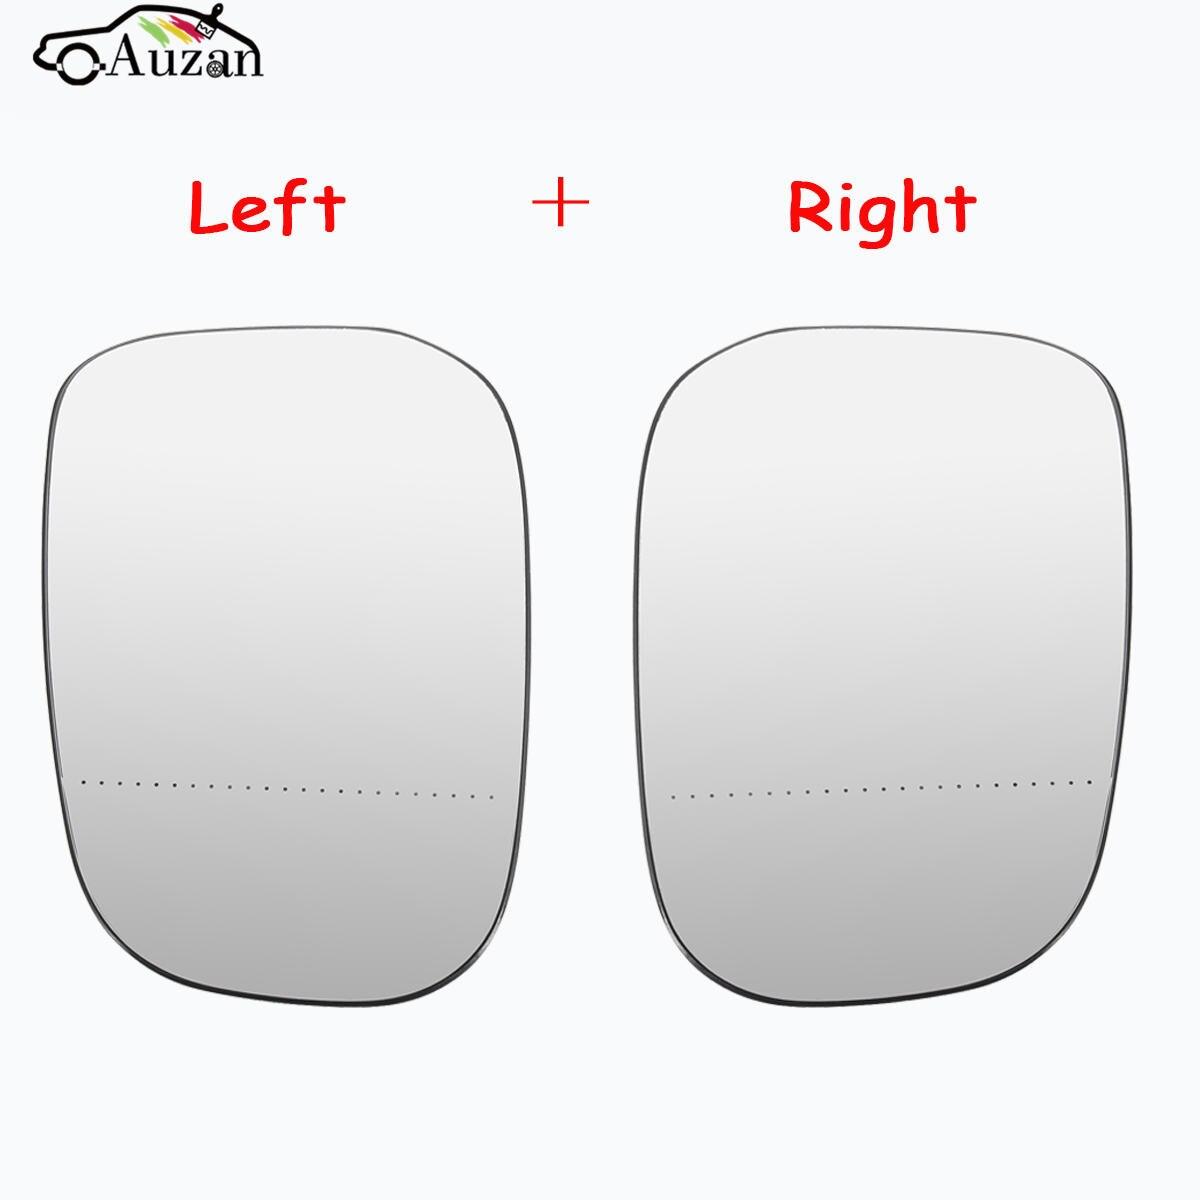 Left & Right Side Aquecida Espelho Porta de Vidro Para G48/Volvo C30 V50 C70 S80 (07-09) 3001-897